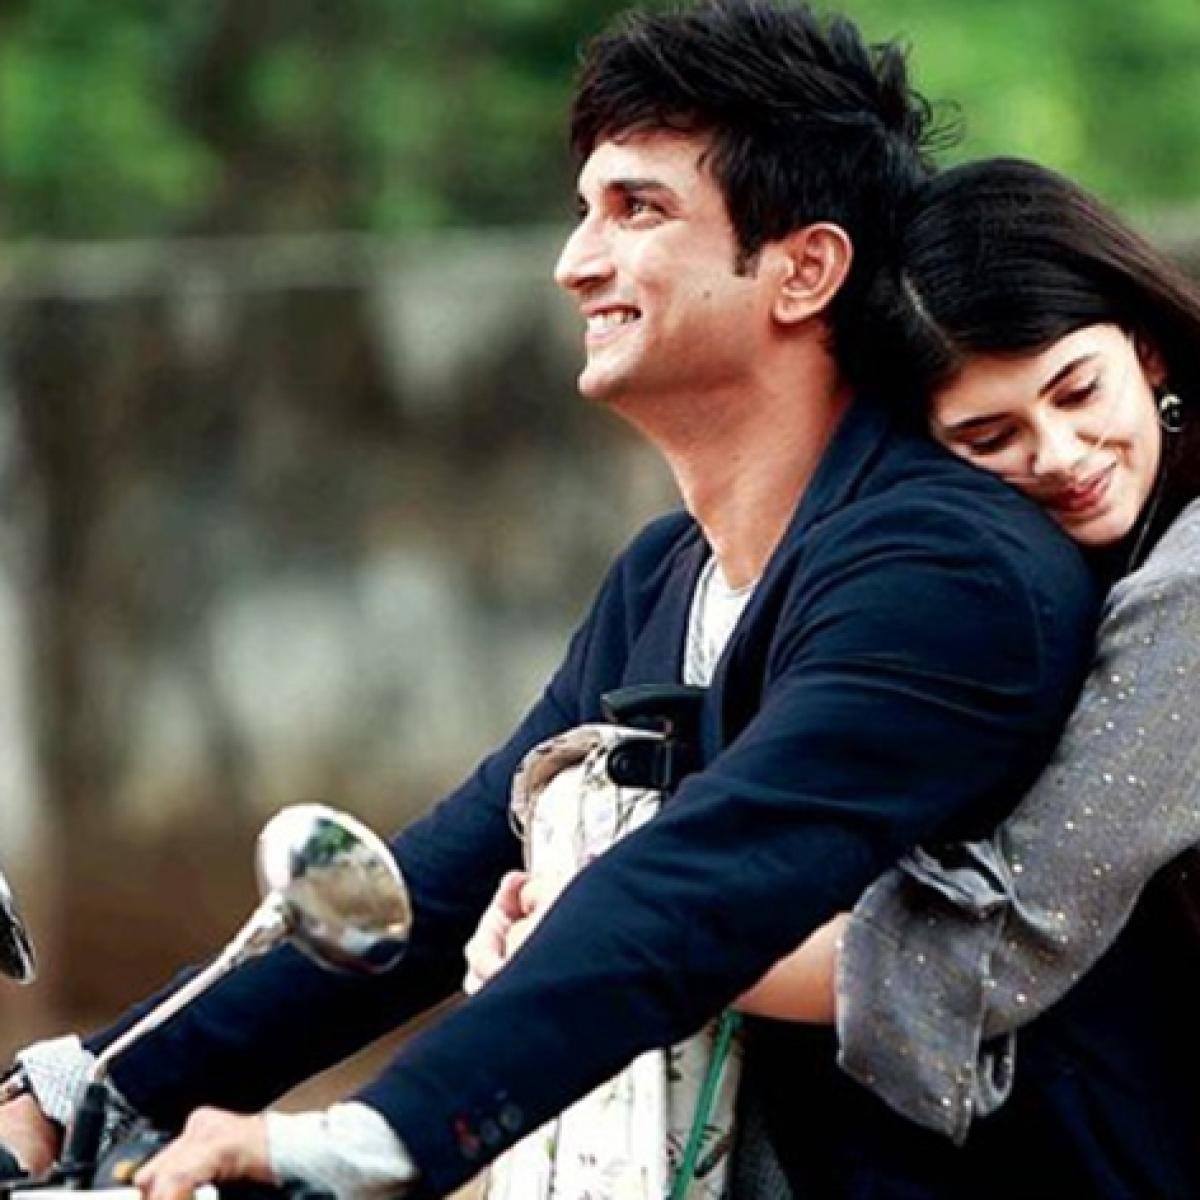 'Kaise jeena hai hum decide kar sakte hain': Sushant Singh Rajput's 'Dil Bechara' trailer out now